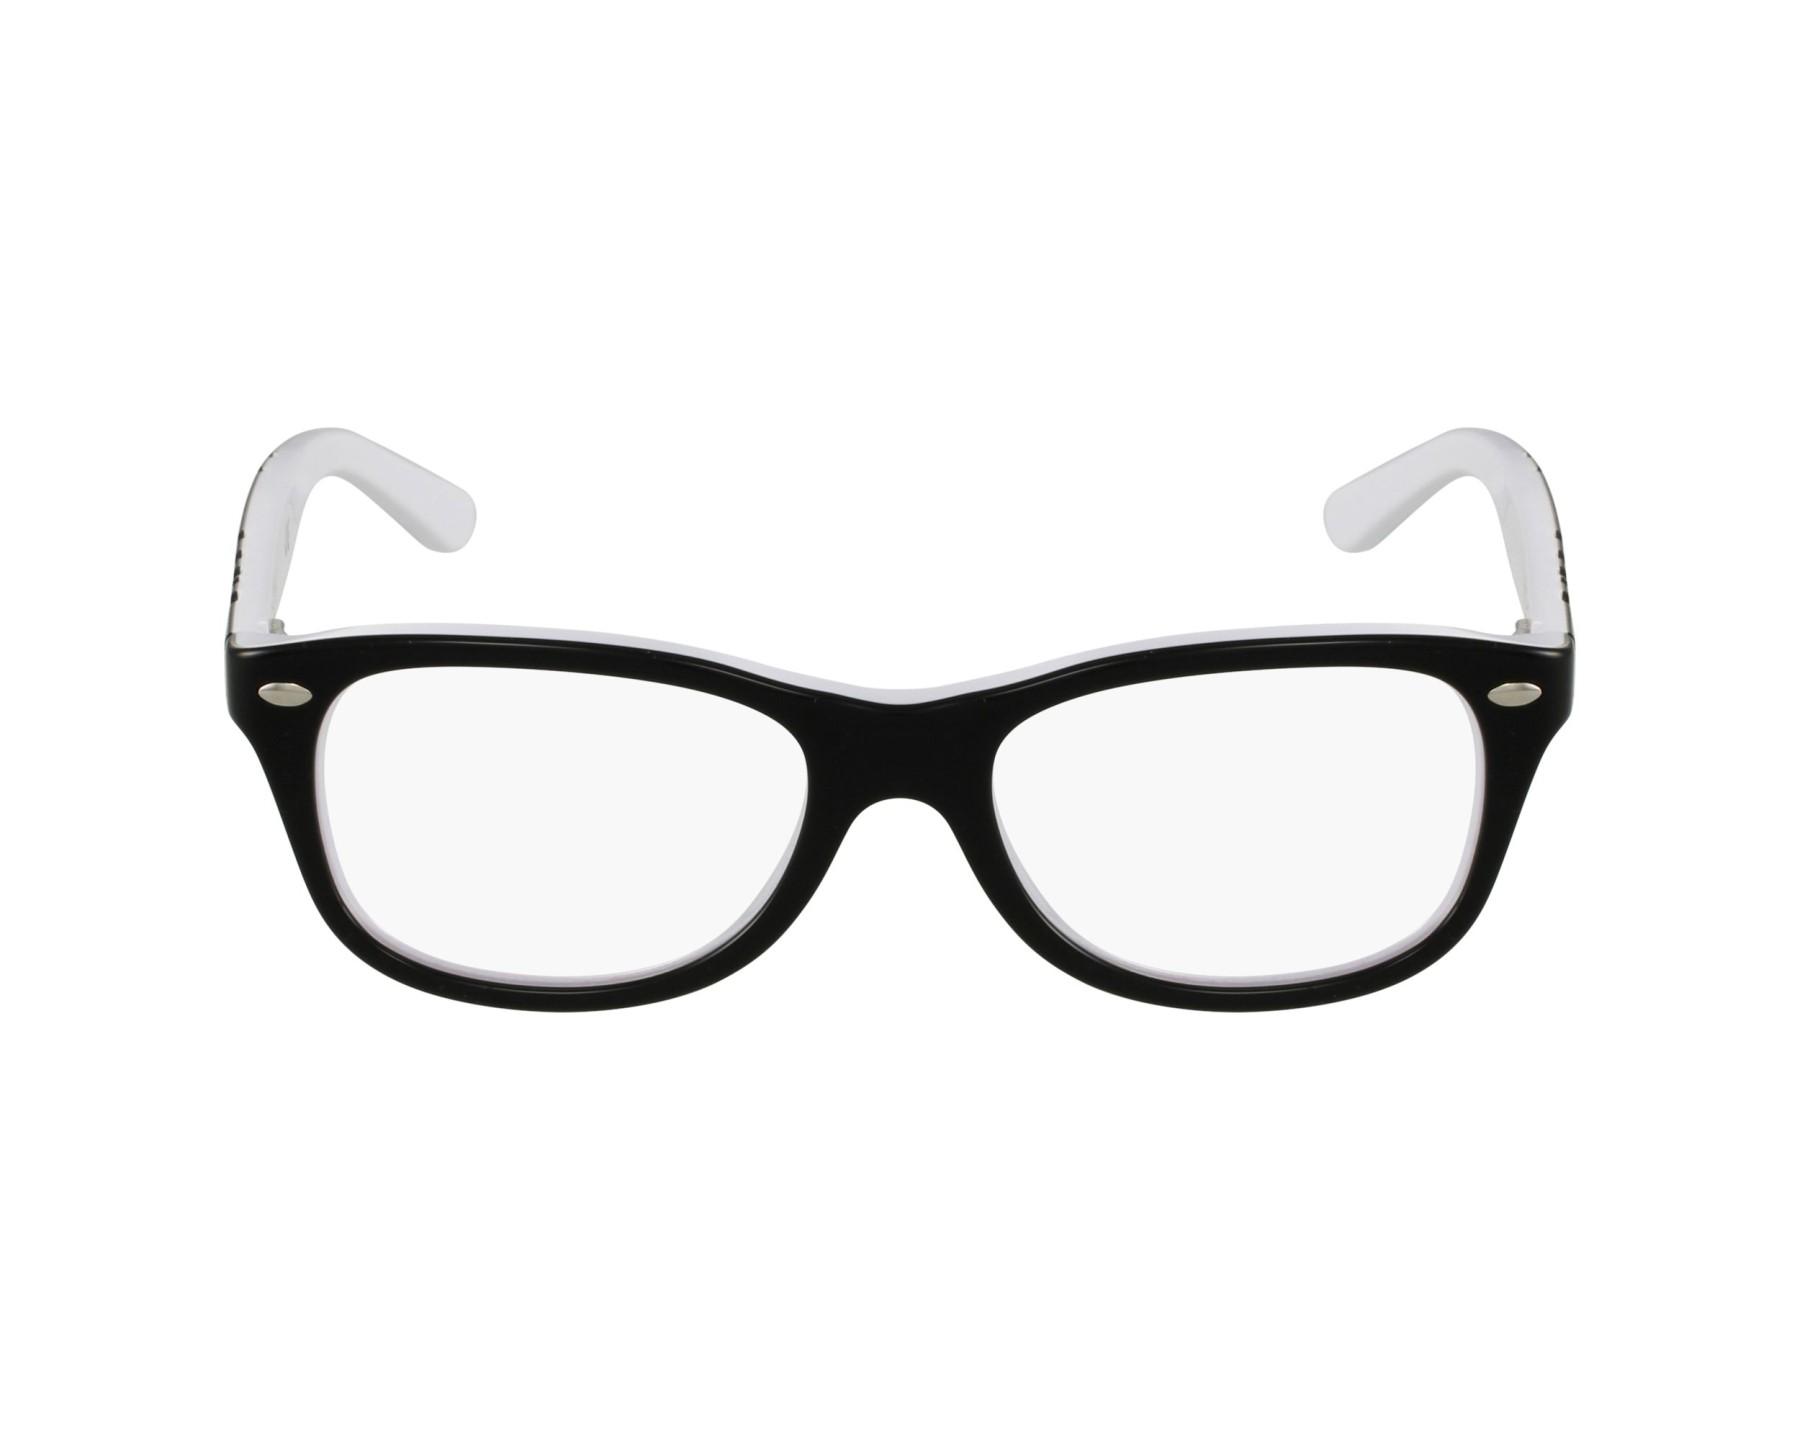 f215010f28e9ec eyeglasses Ray-Ban RY-1544 3579 48-18 Black White profile view